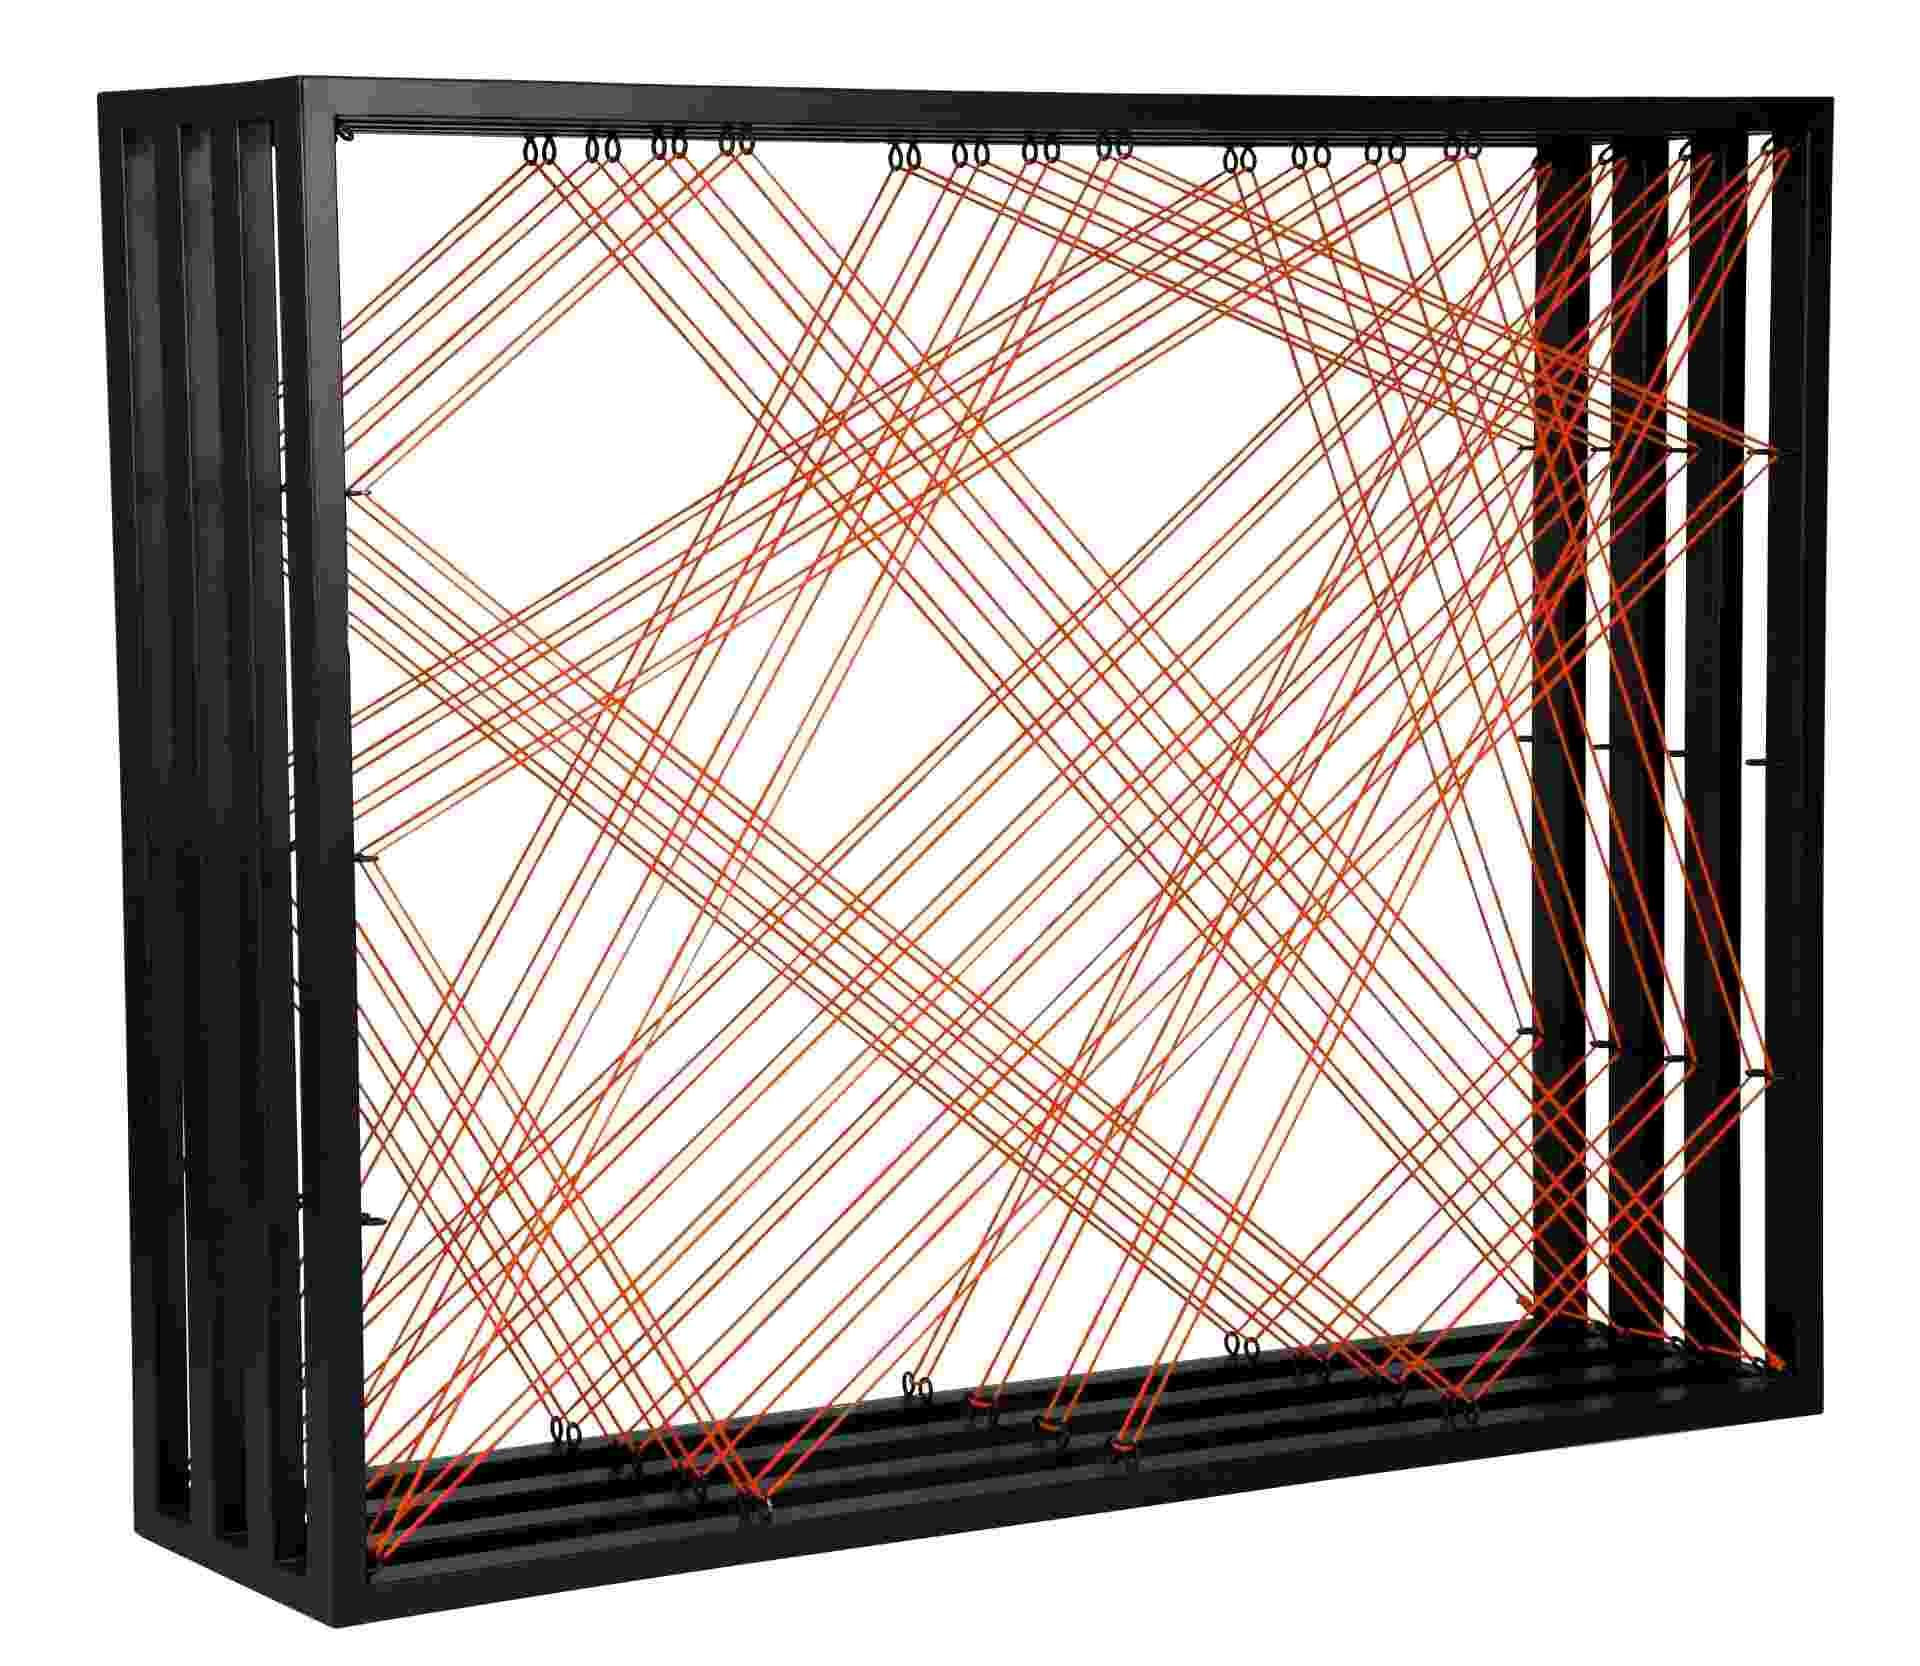 Desenhada pelo designer Sergio Mattos, a estante Giral é feita de aço carbono pintado e fios de nylon trançados. A peça pode ser comprada por R$ 3.120 na Mix&Match (www.mixandmatch.com.br) I Preços pesquisados em dezembro de 2012 e sujeitos a alterações - Divulgação